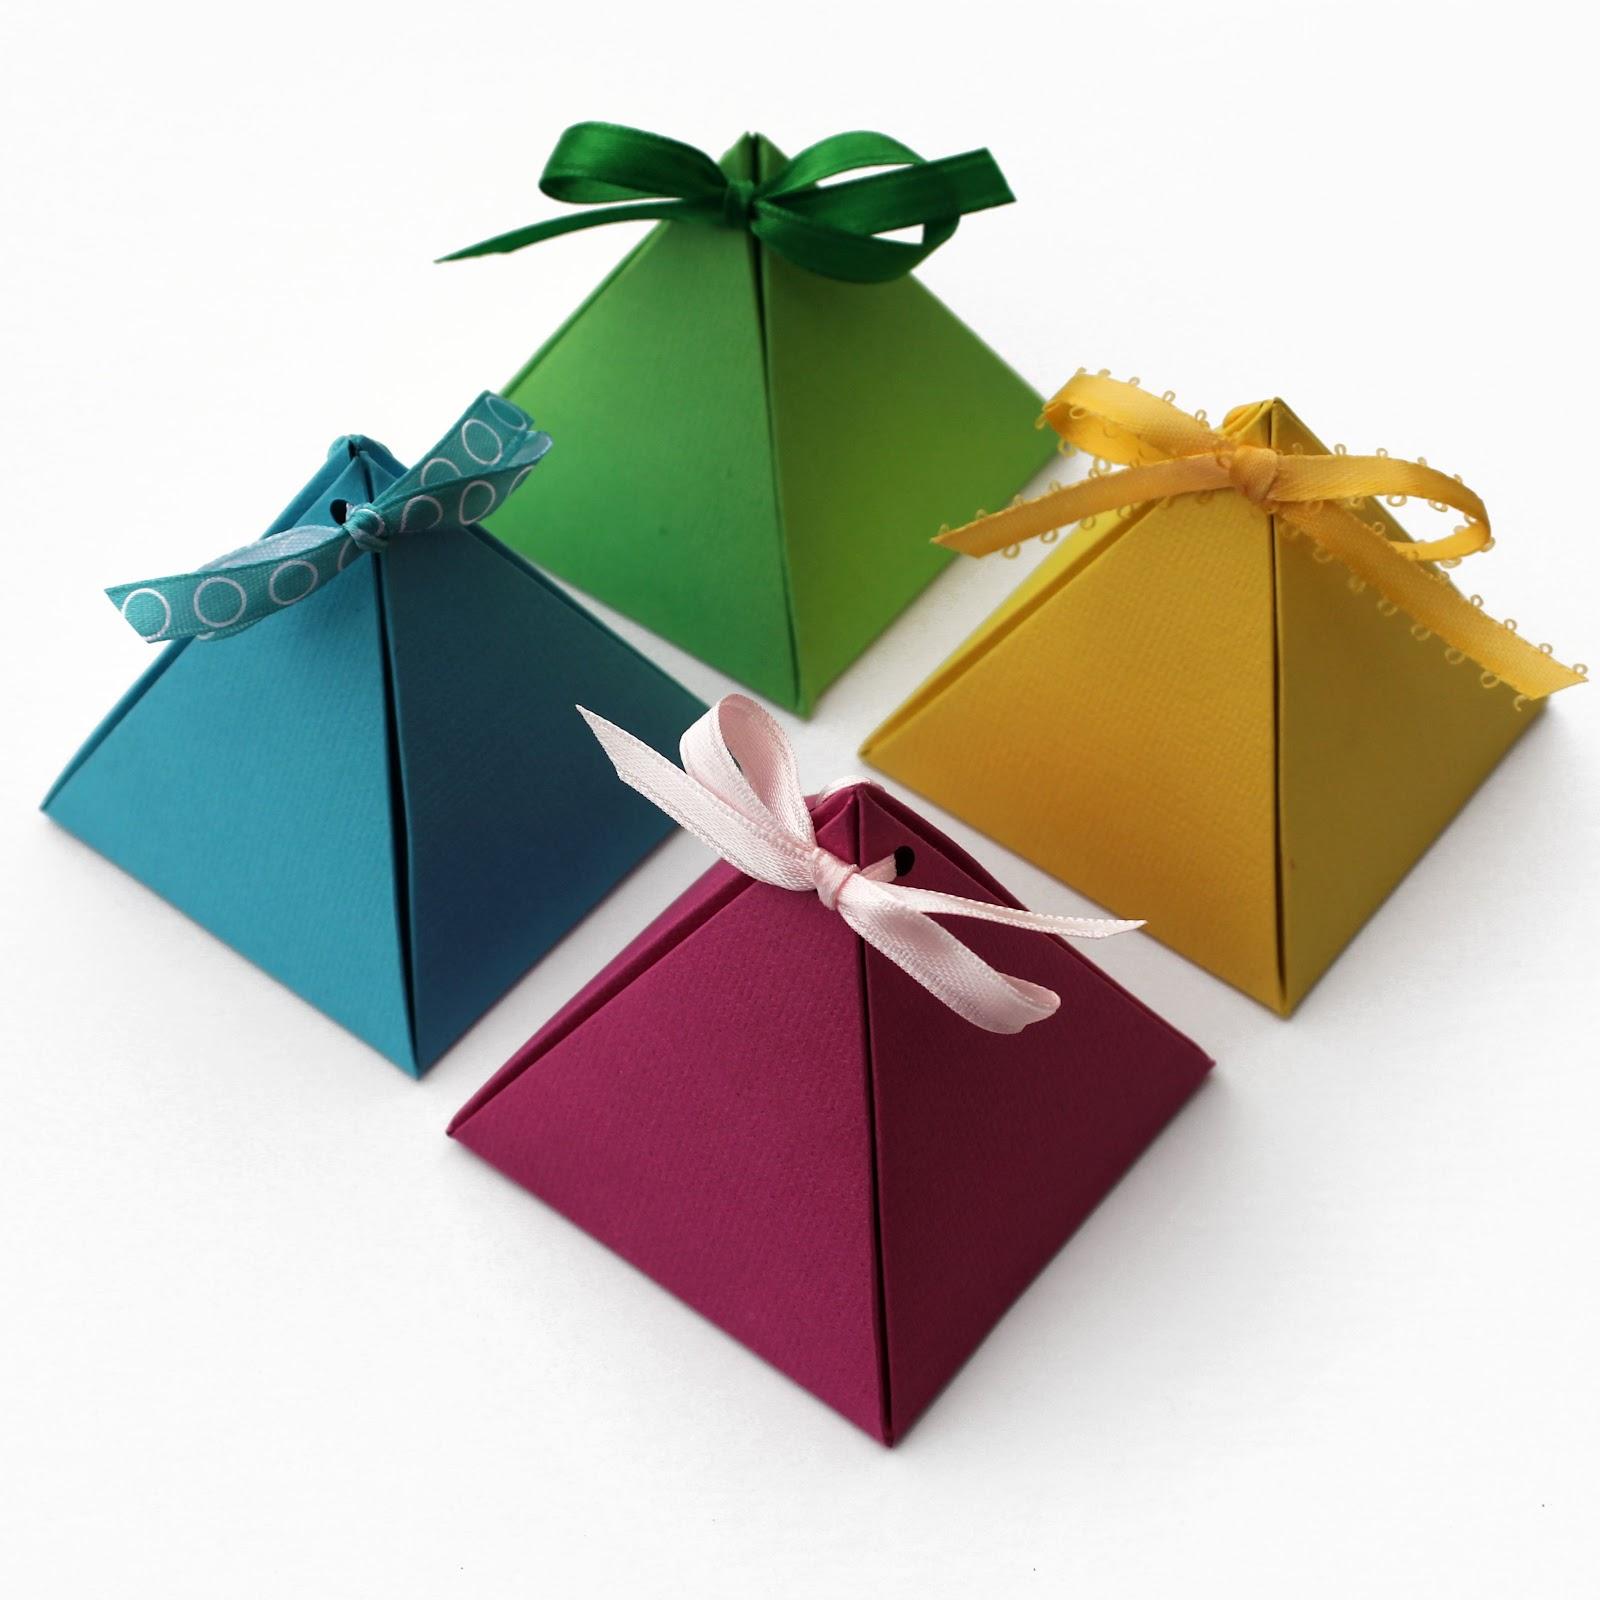 Пирамидки из разноцветного картона для оформления подарков